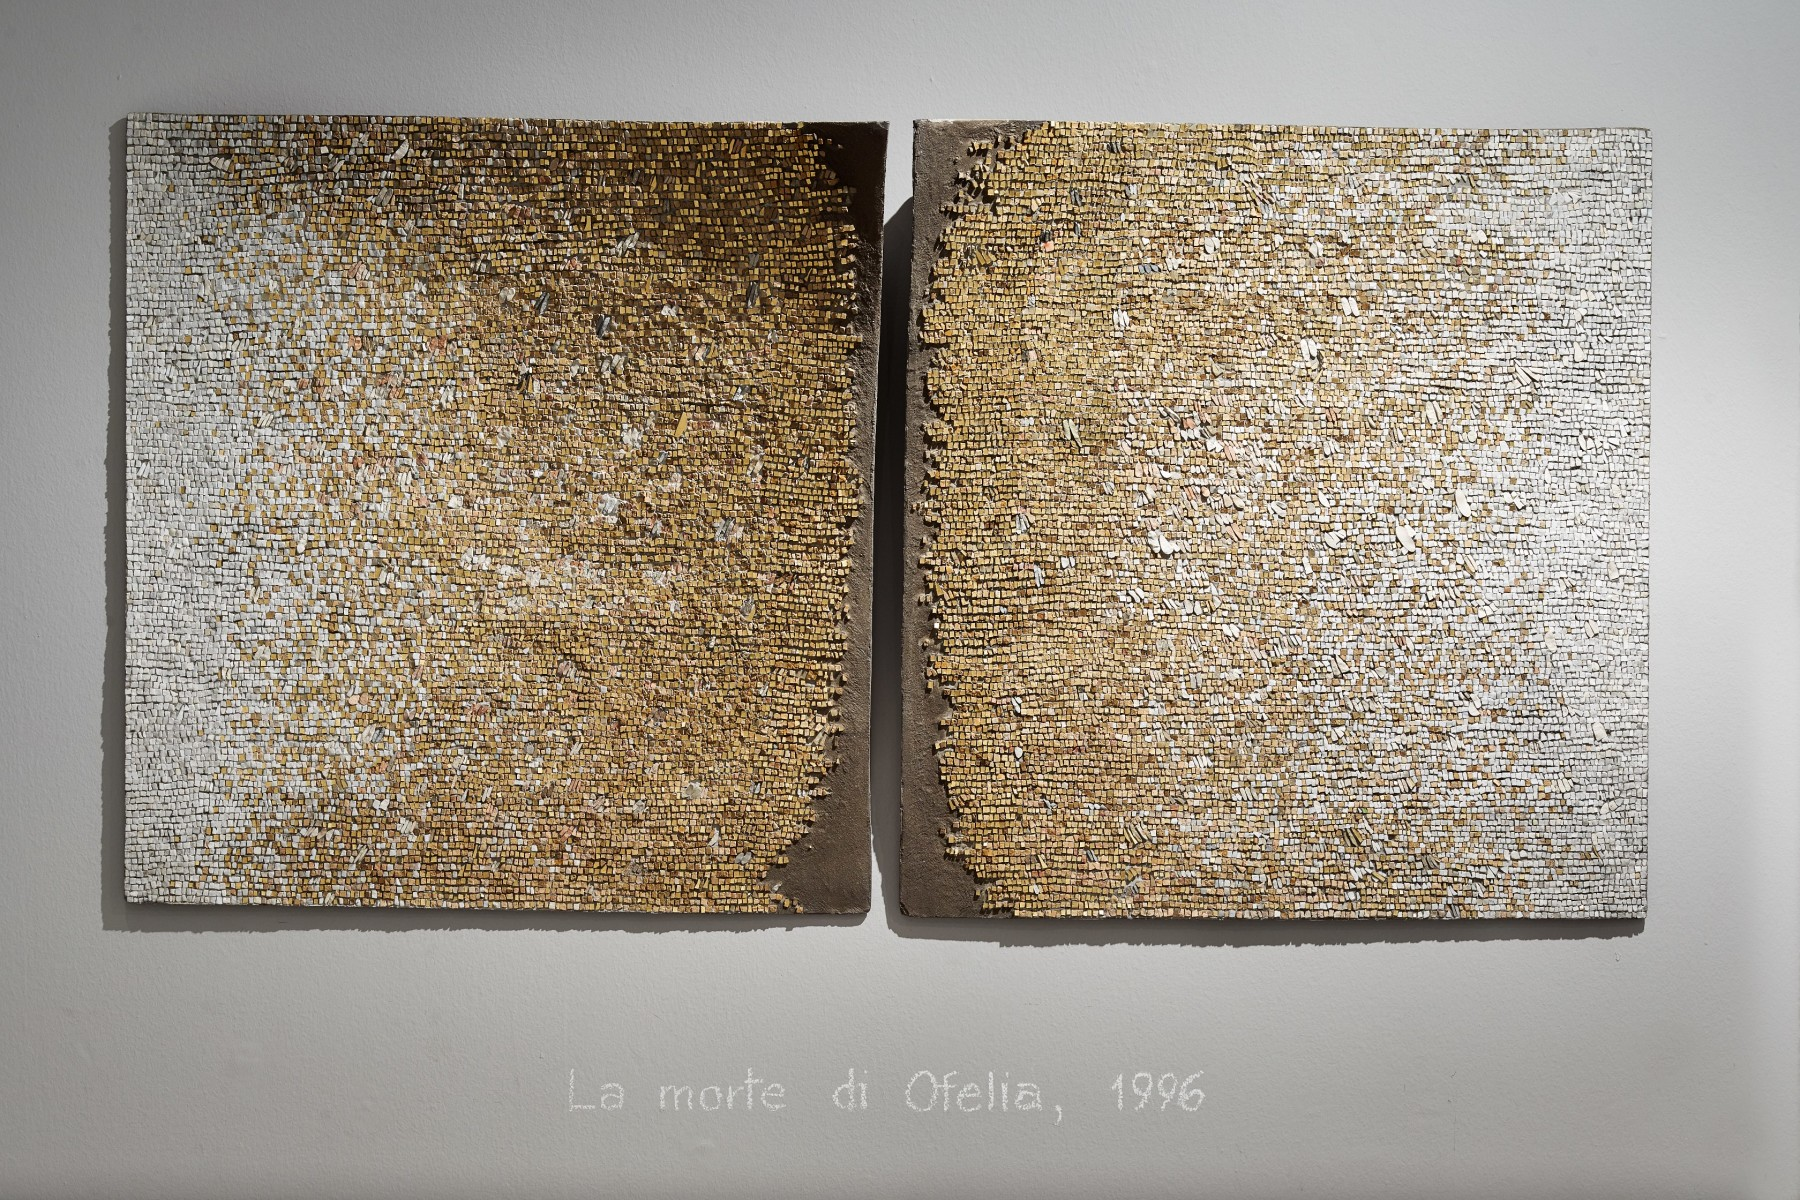 la-morte-di-ofelia-1996-92x183-cm